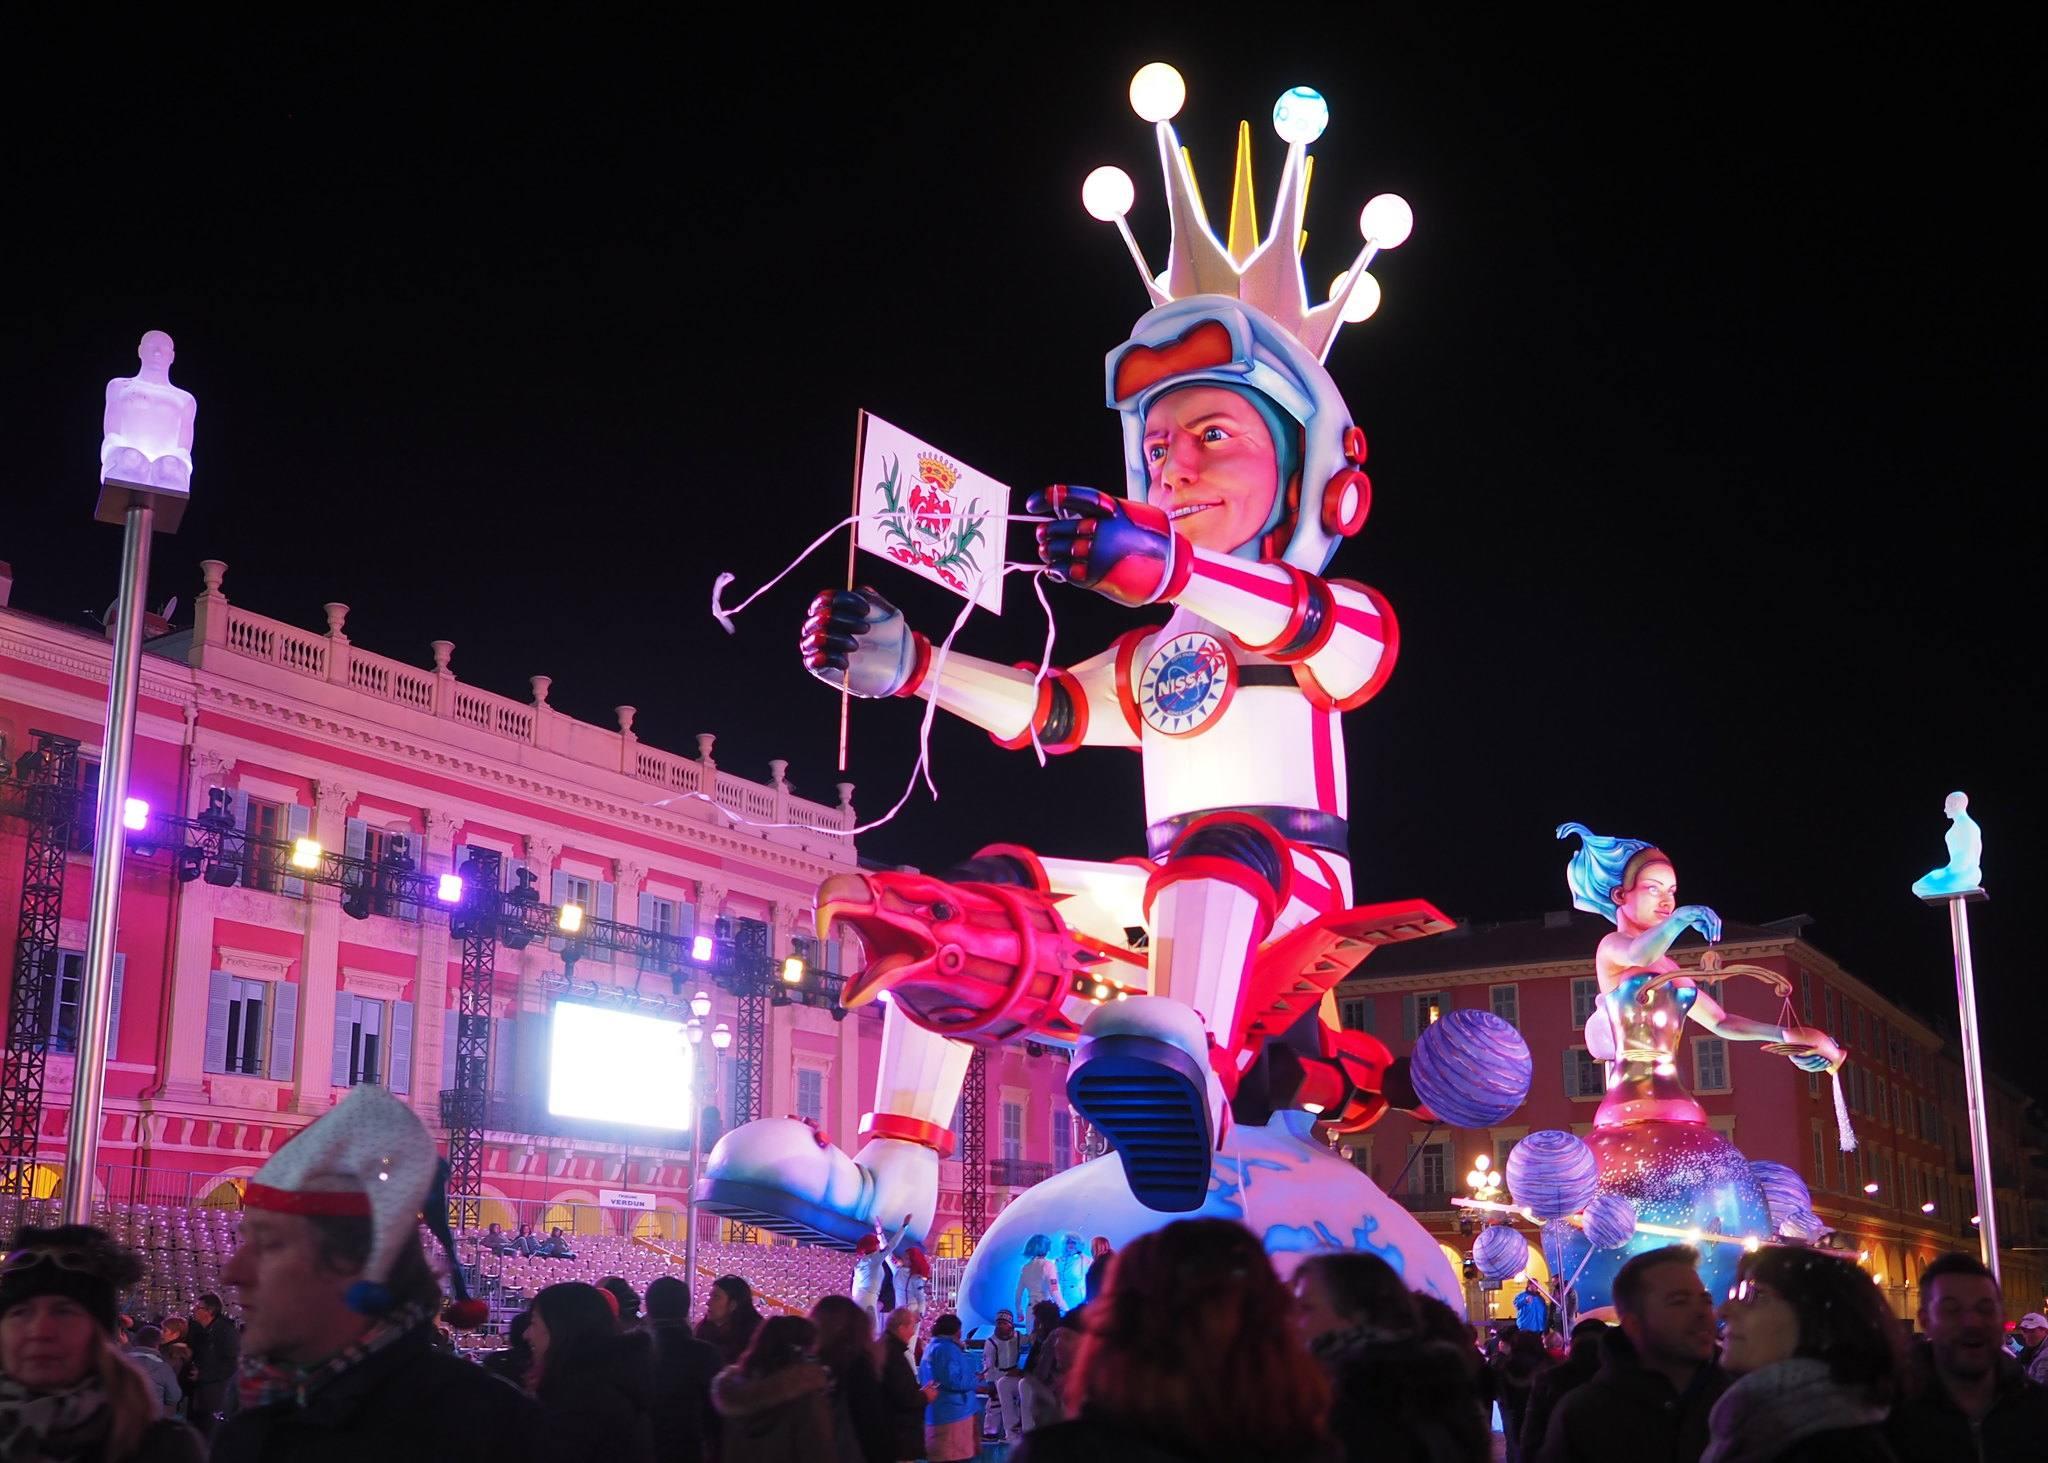 Corso illuminé du carnaval de Nice en 2018